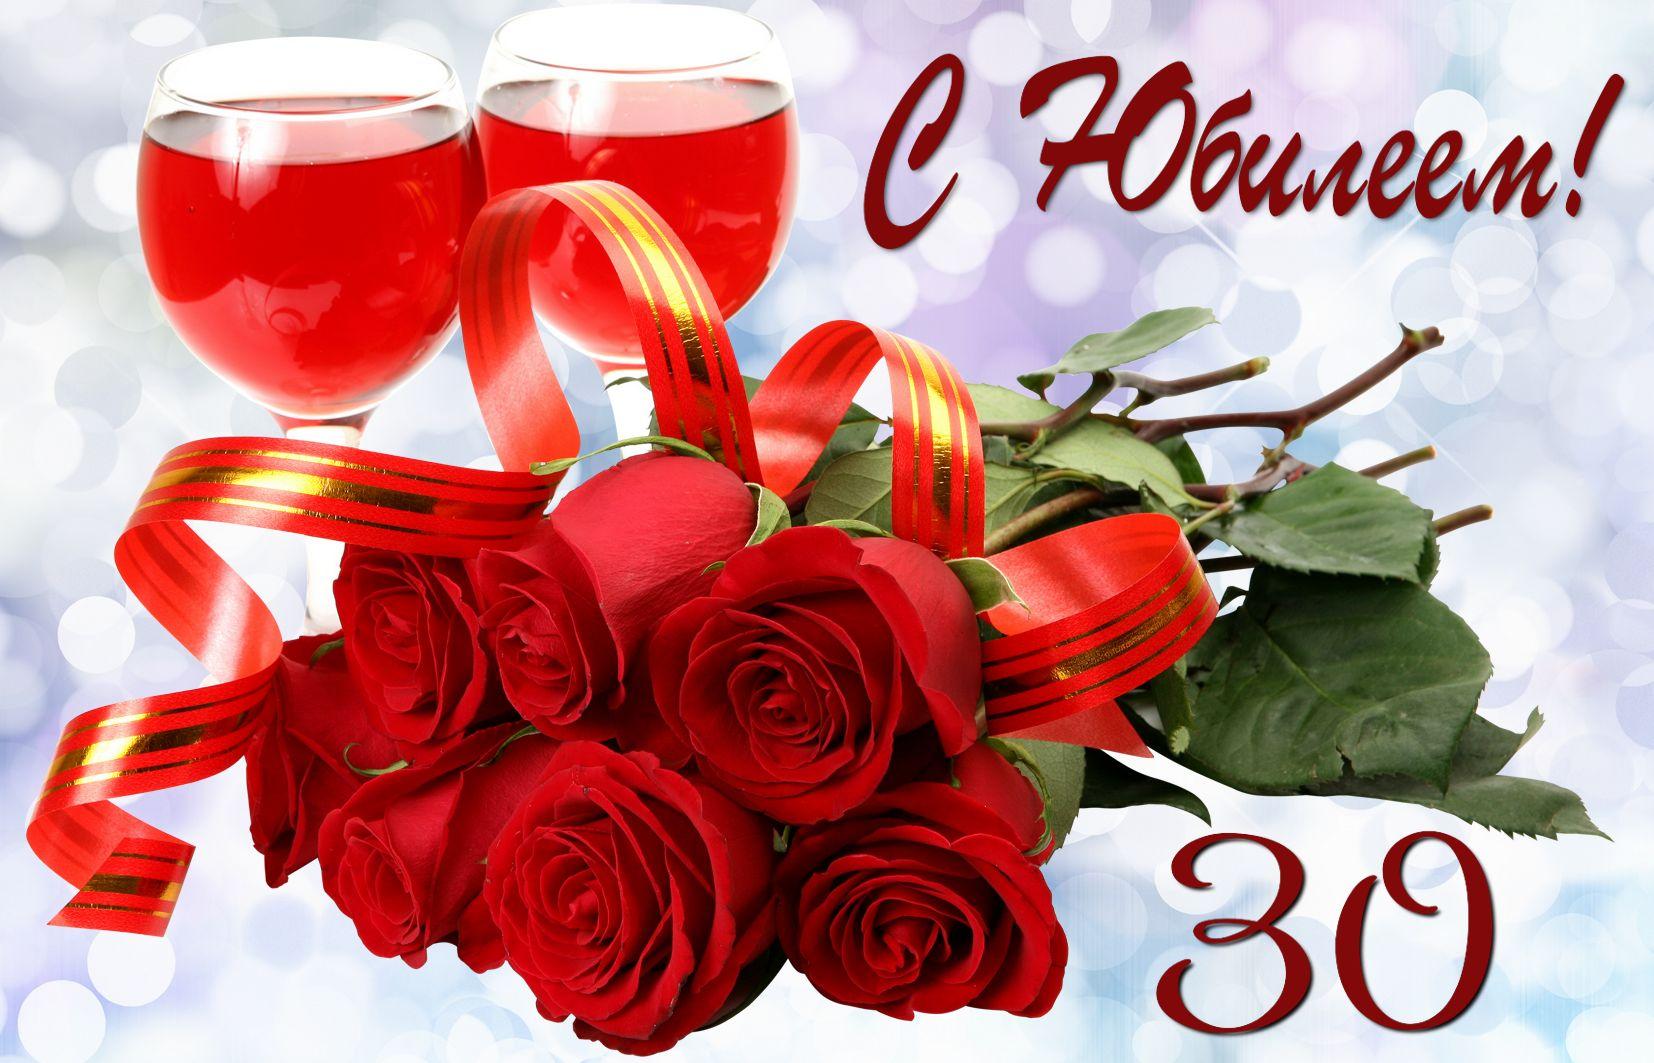 Открытка - бокалы с вином и розы на тридцатилетие